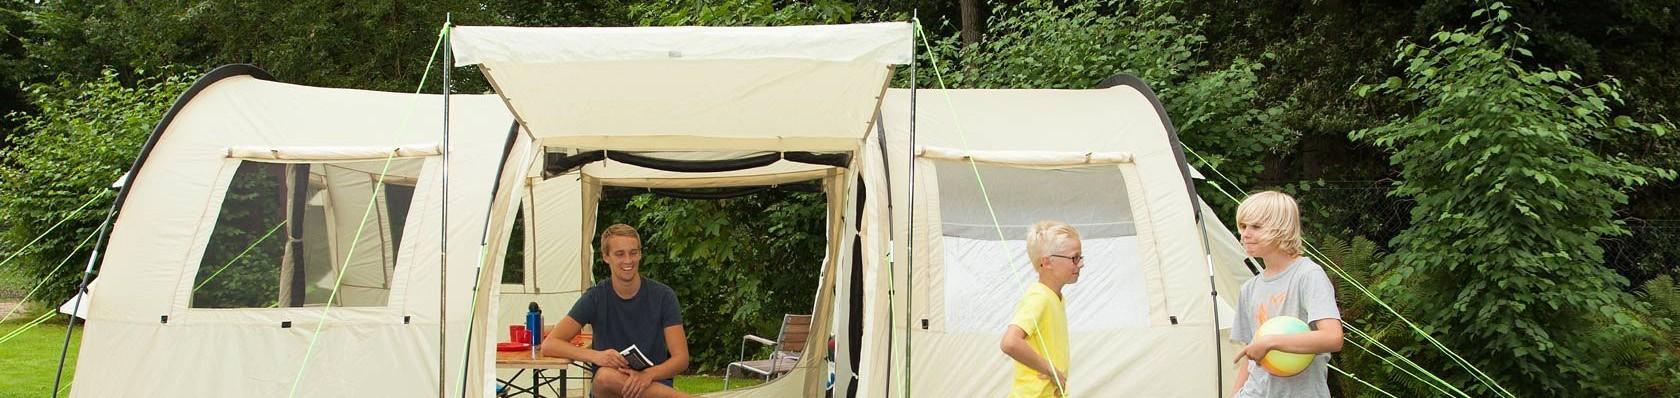 5 und mehr Personen Zelte im Test auf ExpertenTesten.de